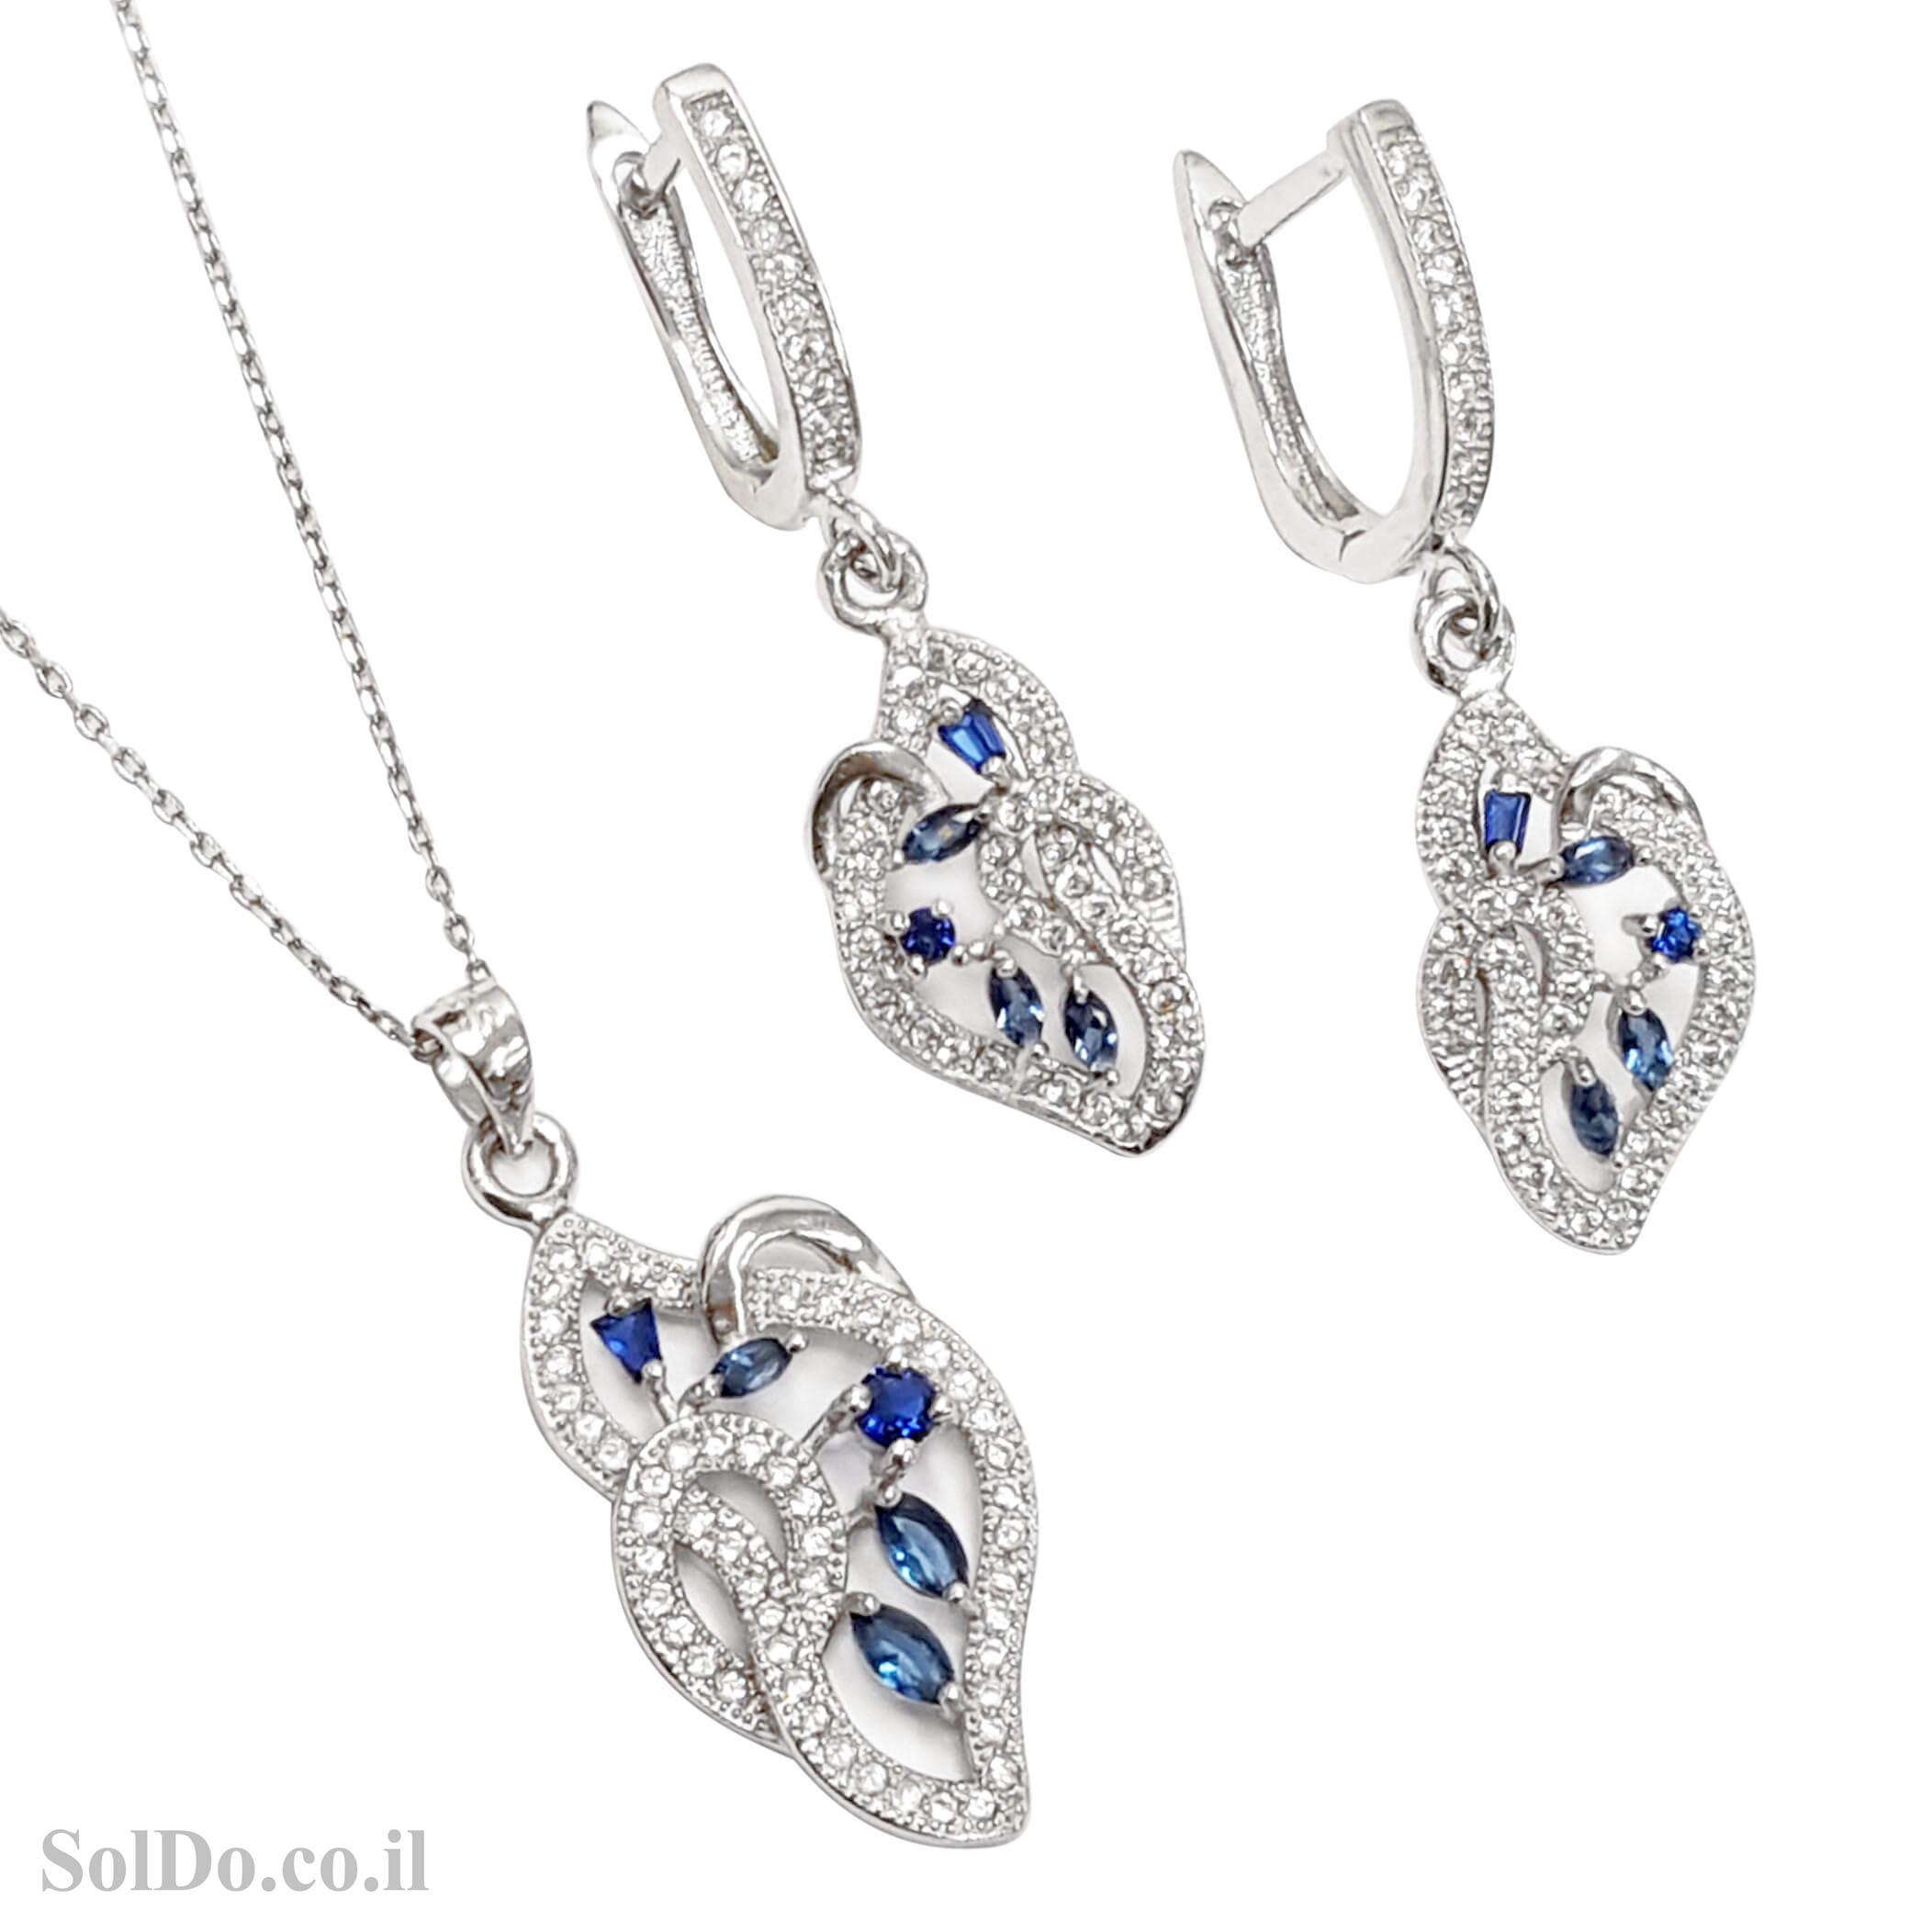 עגילים ותליון מכסף משובצים אבני זרקון כחולות ולבנות S1628